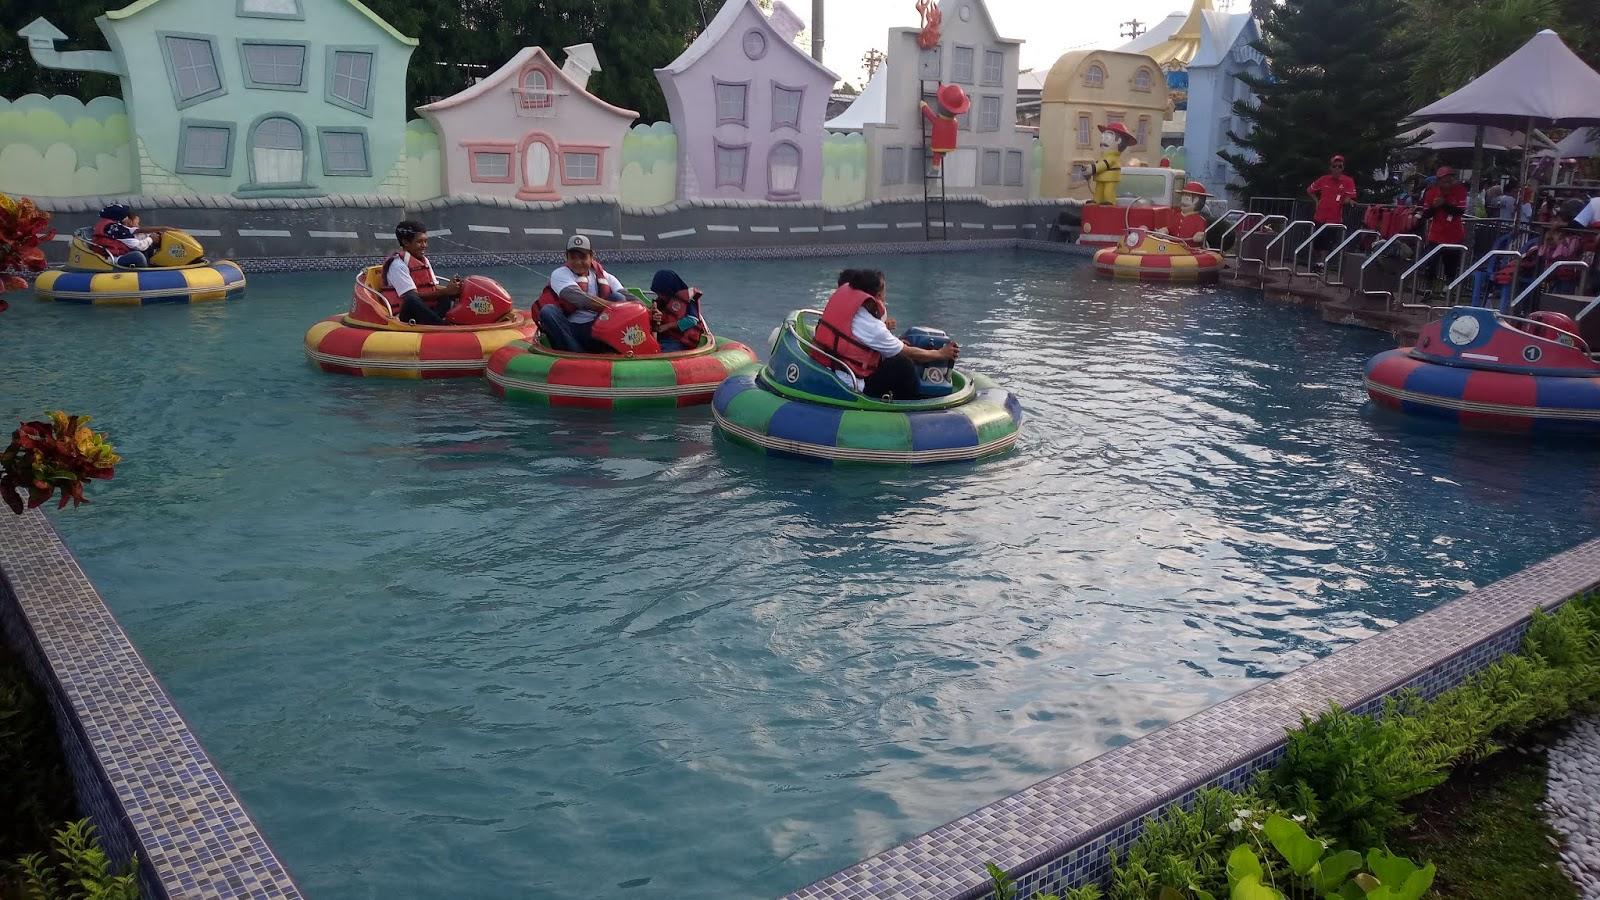 wisata ke kids fun park yogyakarta cari tempat anak